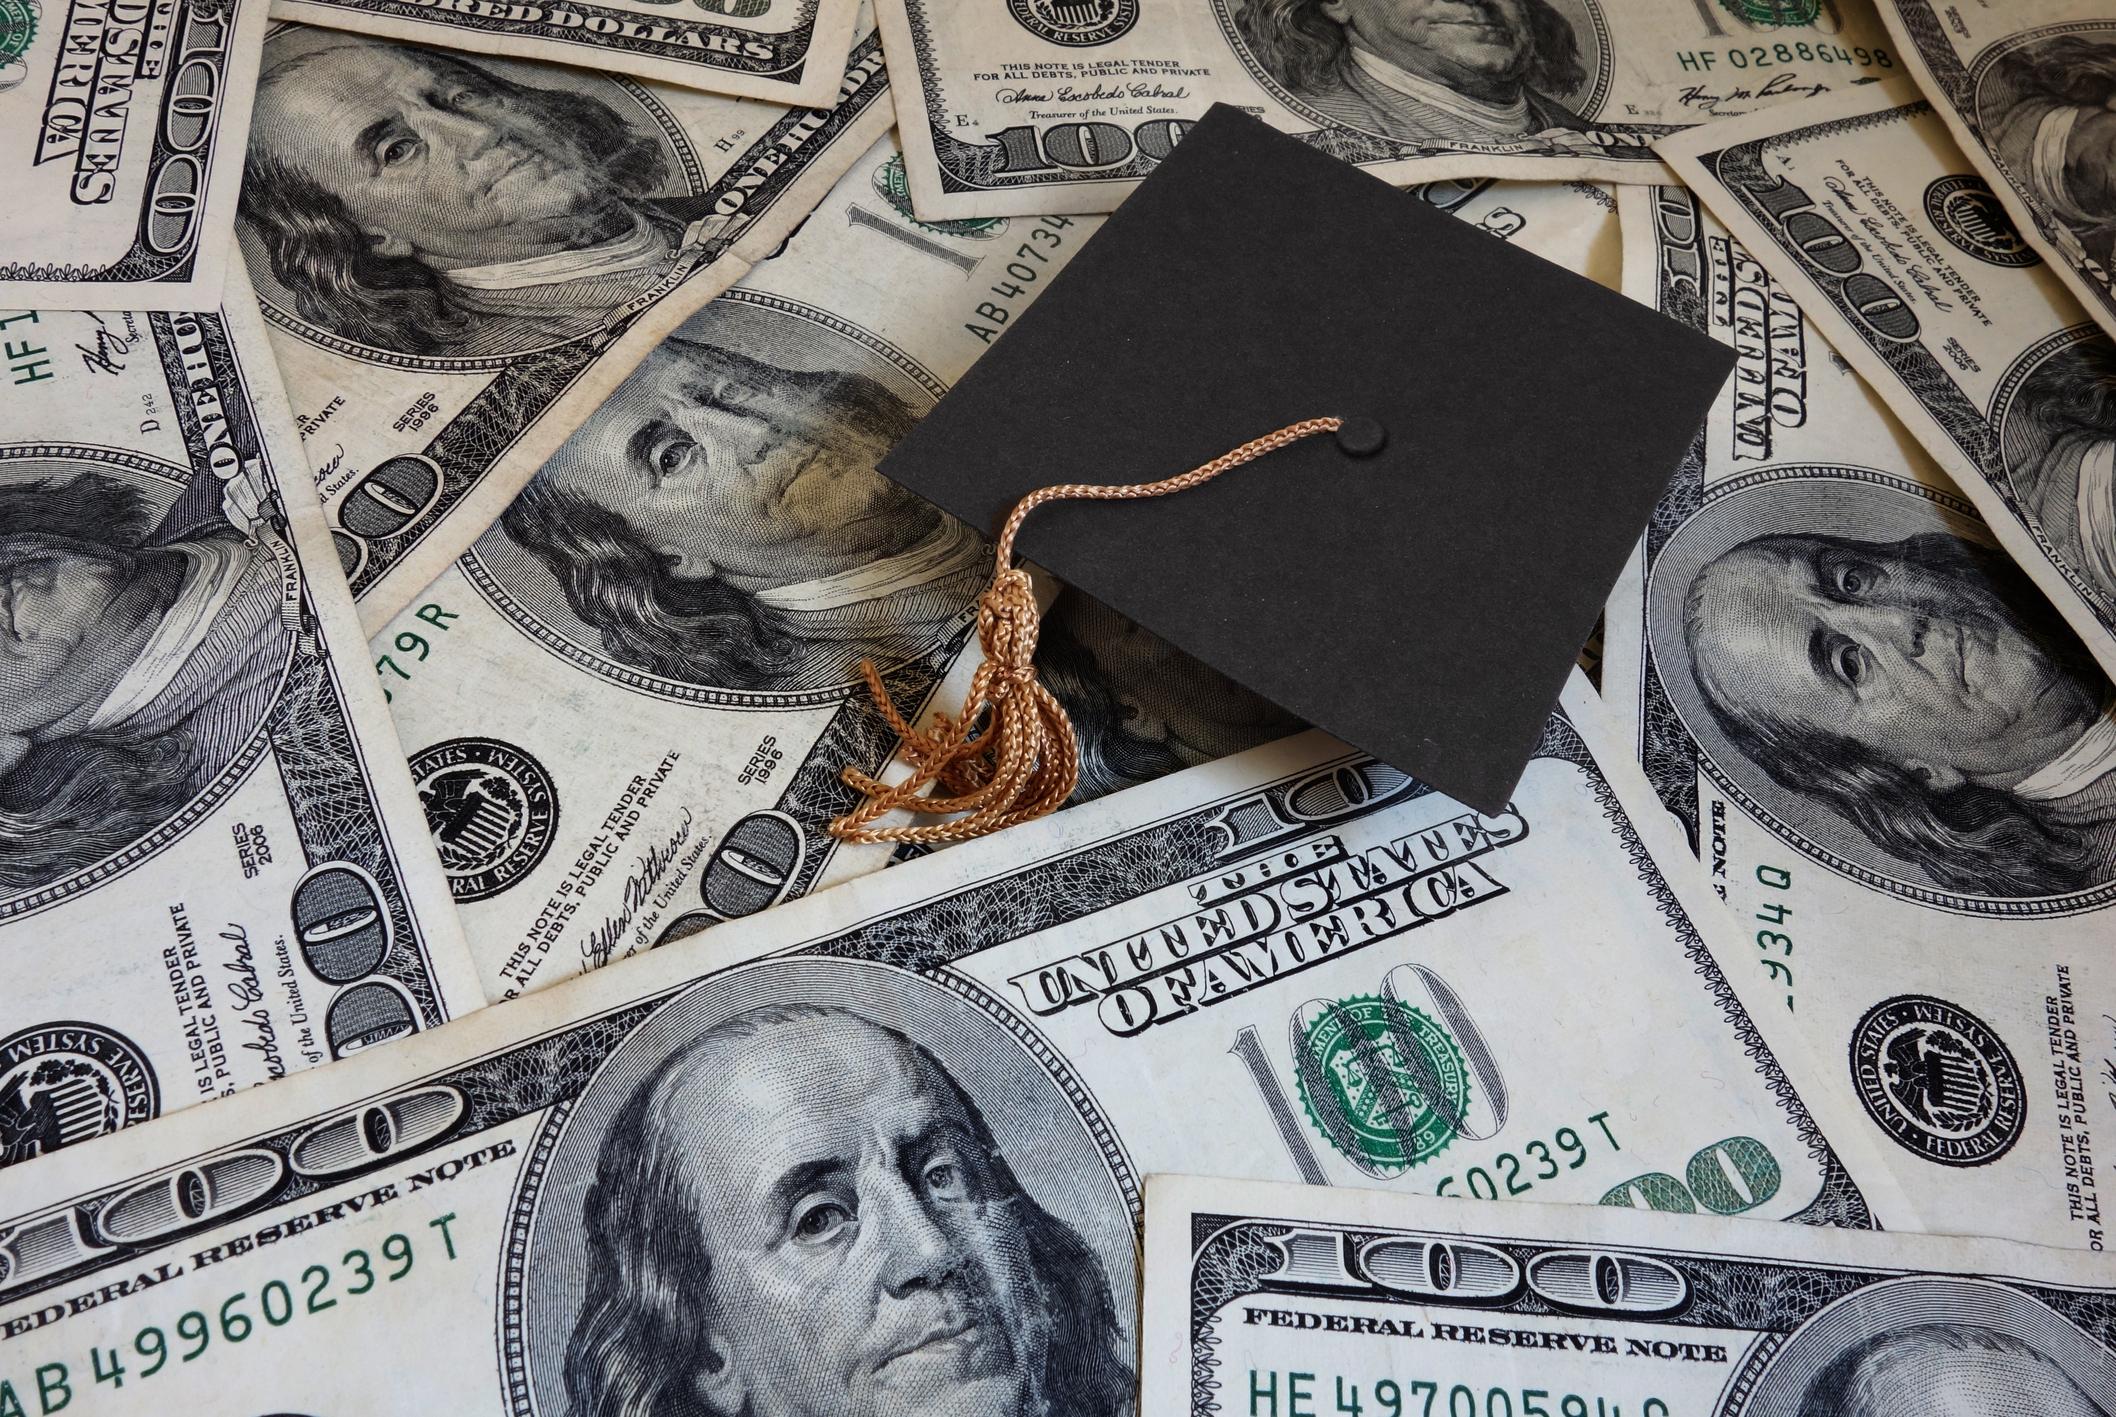 Miniature graduation cap on assorted cash